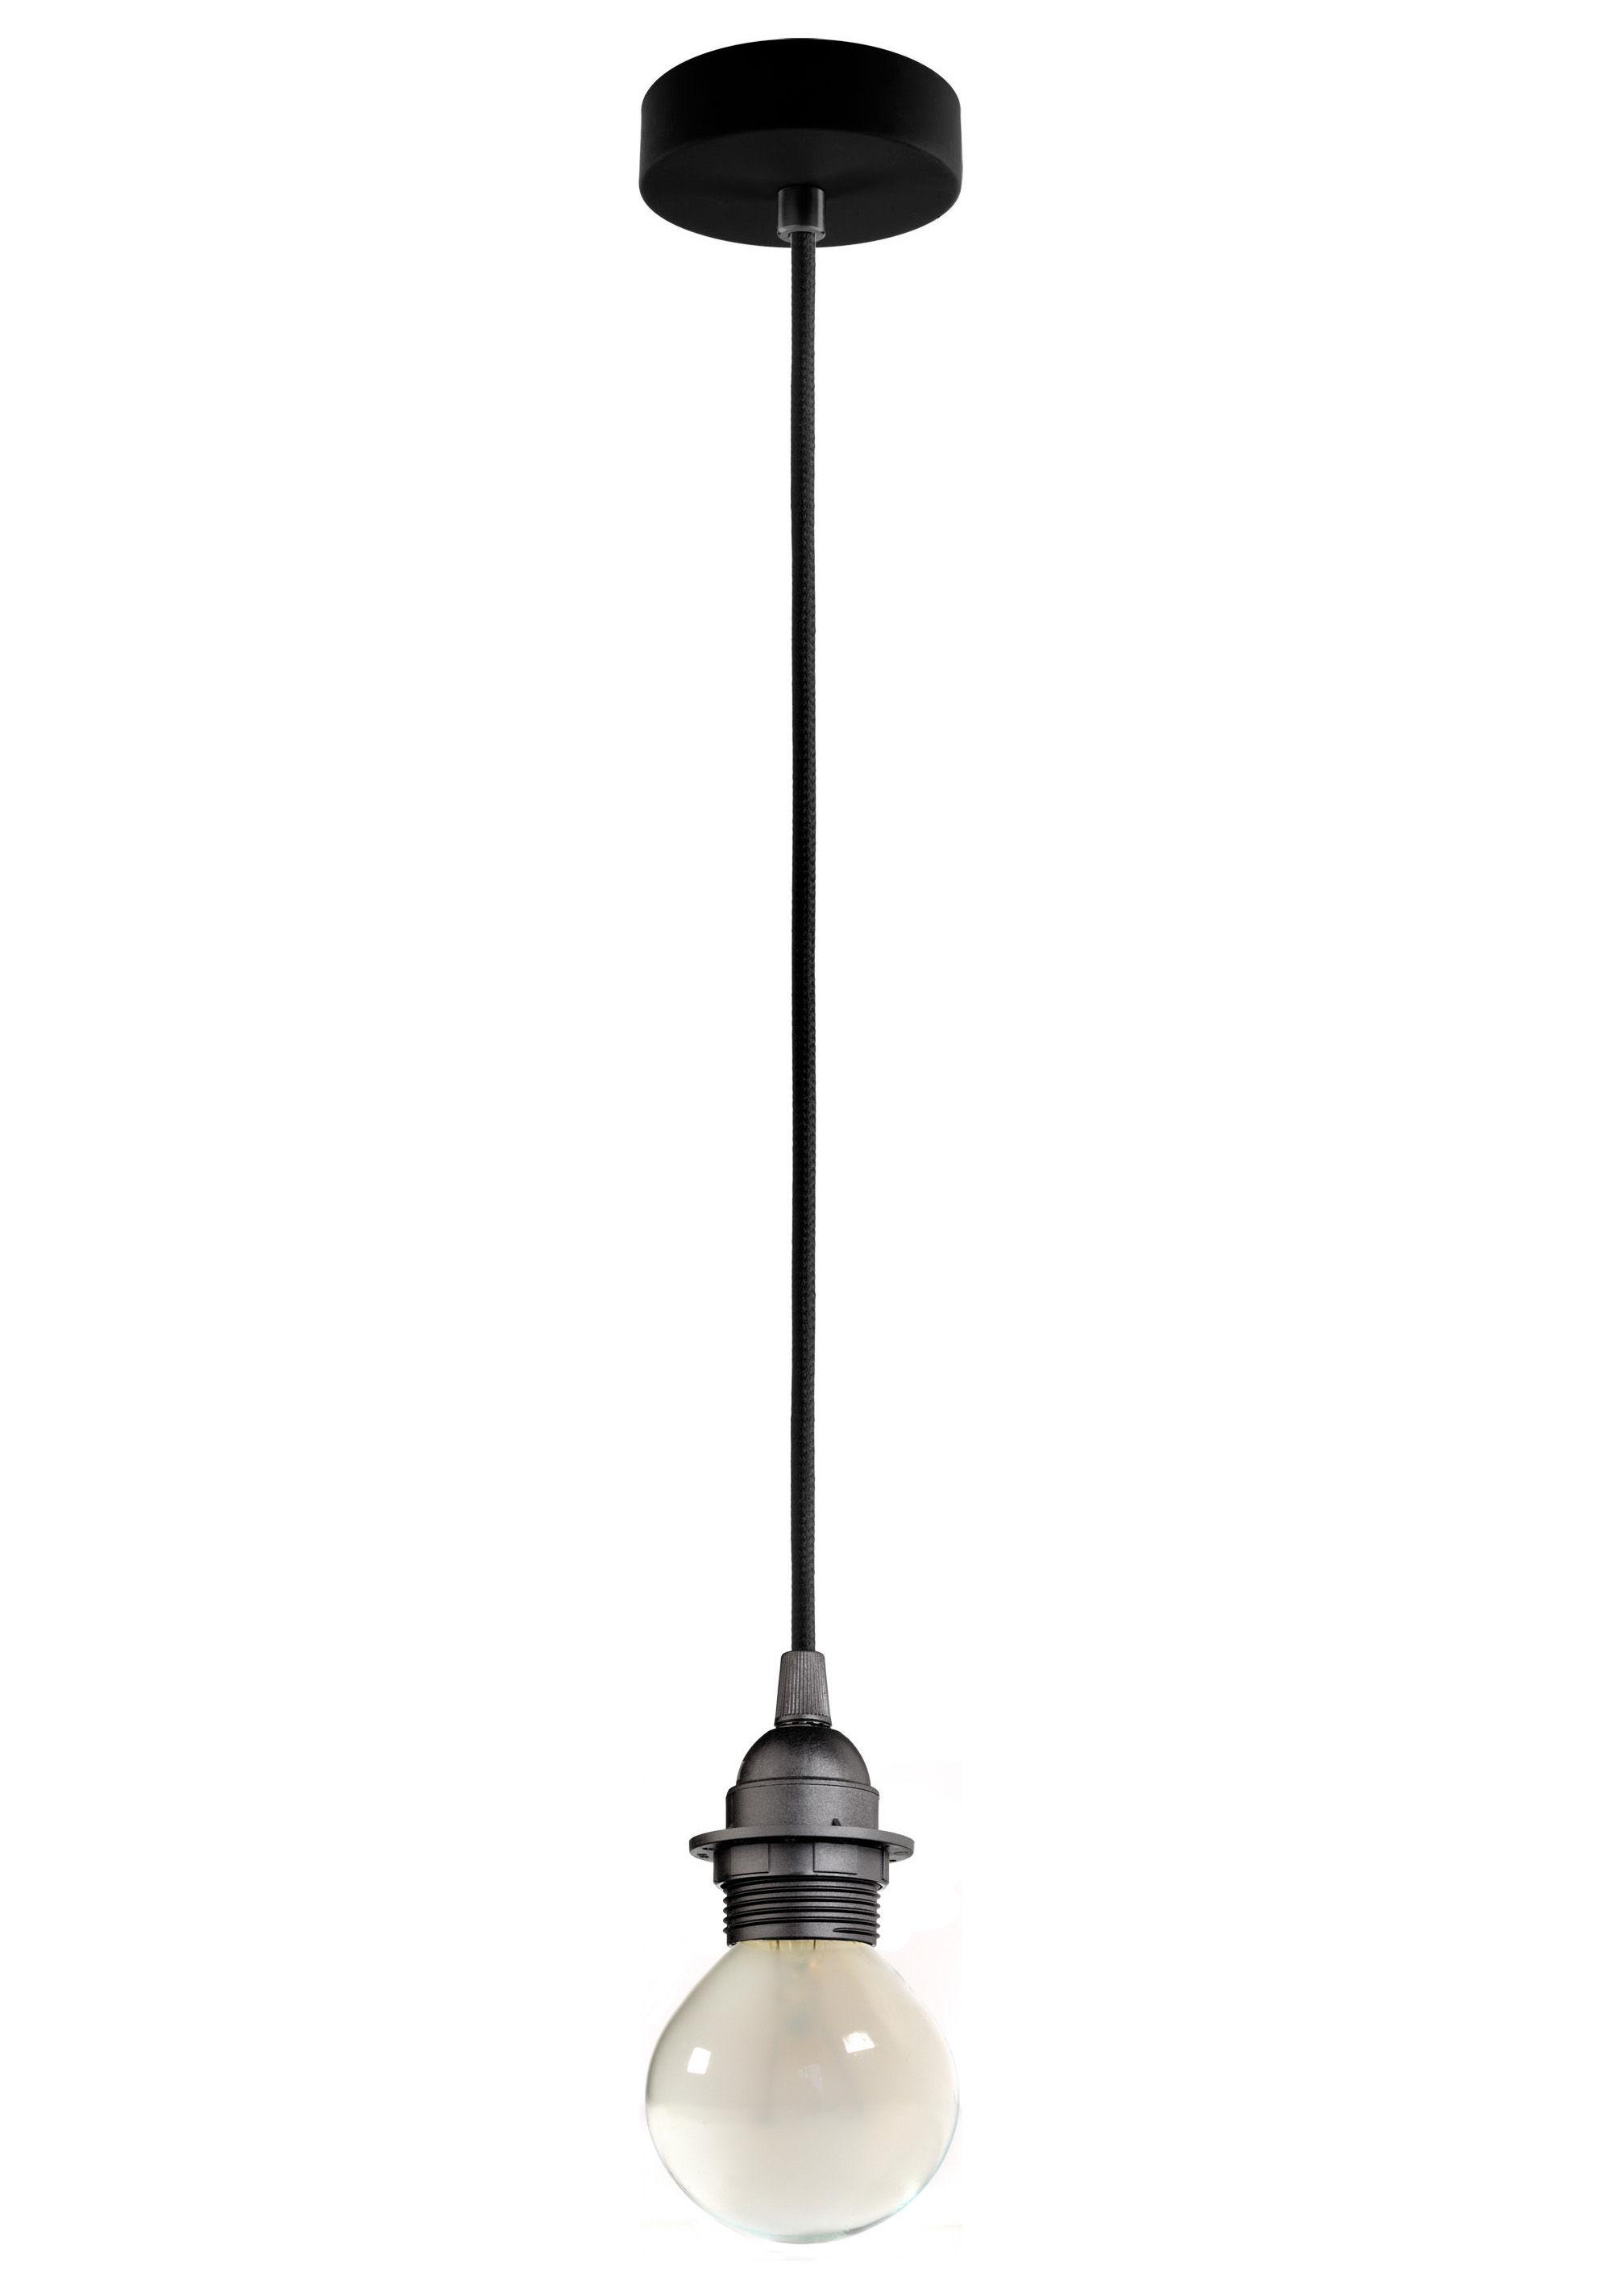 Luminaire - Suspensions - Suspension Bi Kage / Câble, douille & rosace - Sotto Luce - Douille noire / Câble noir / Rosace noire - Métal, Plastique, Tissu